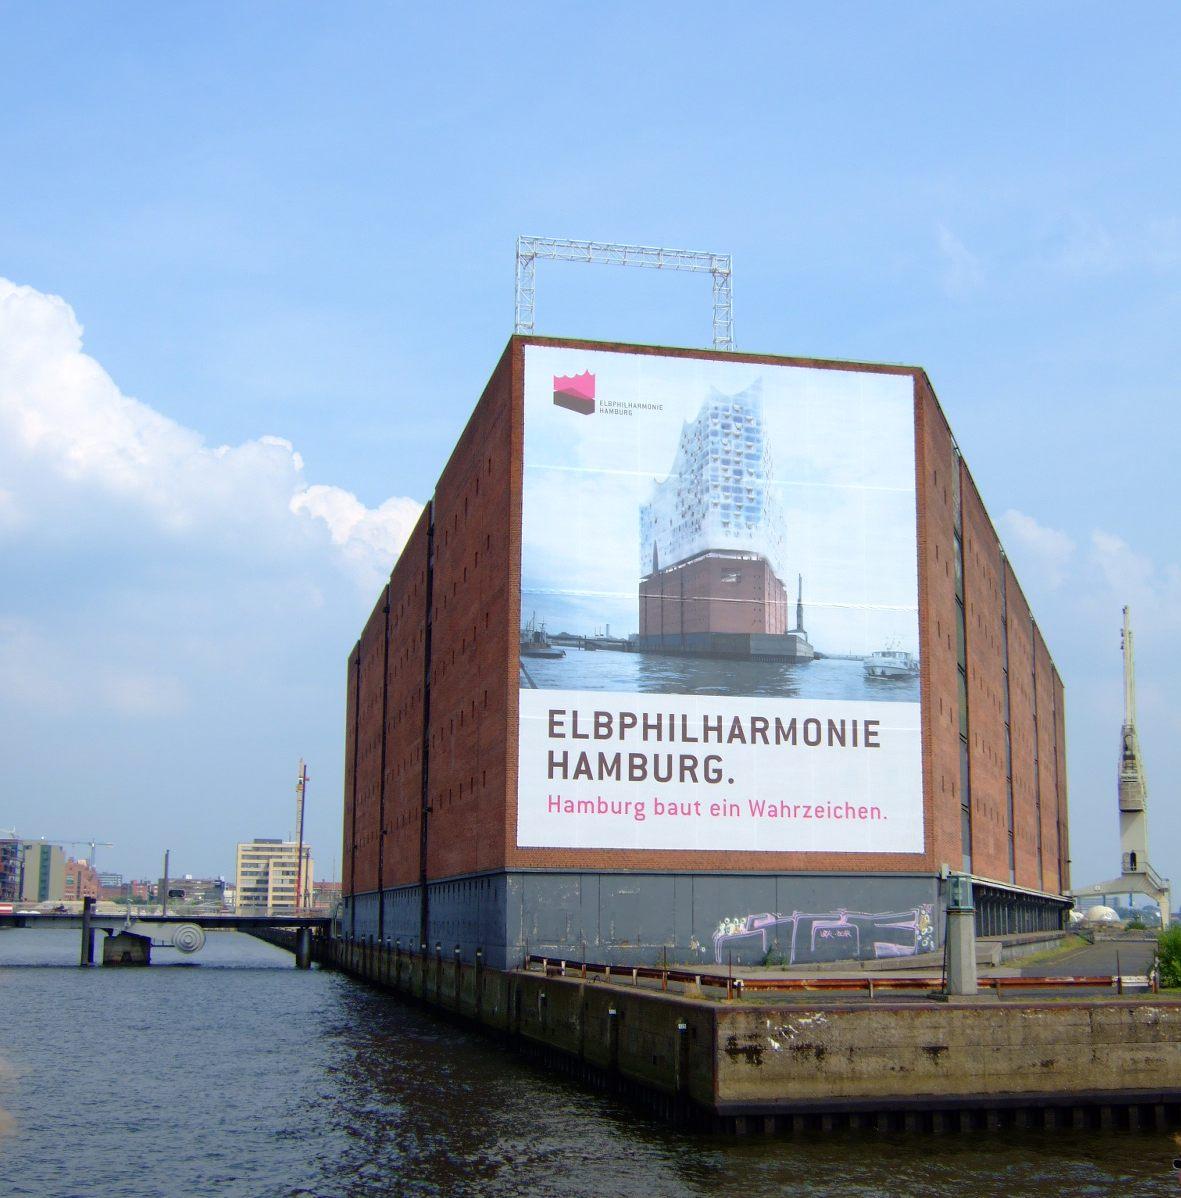 Kaispeicher A mit Plakat Elbphilharmonie im Juli 2006